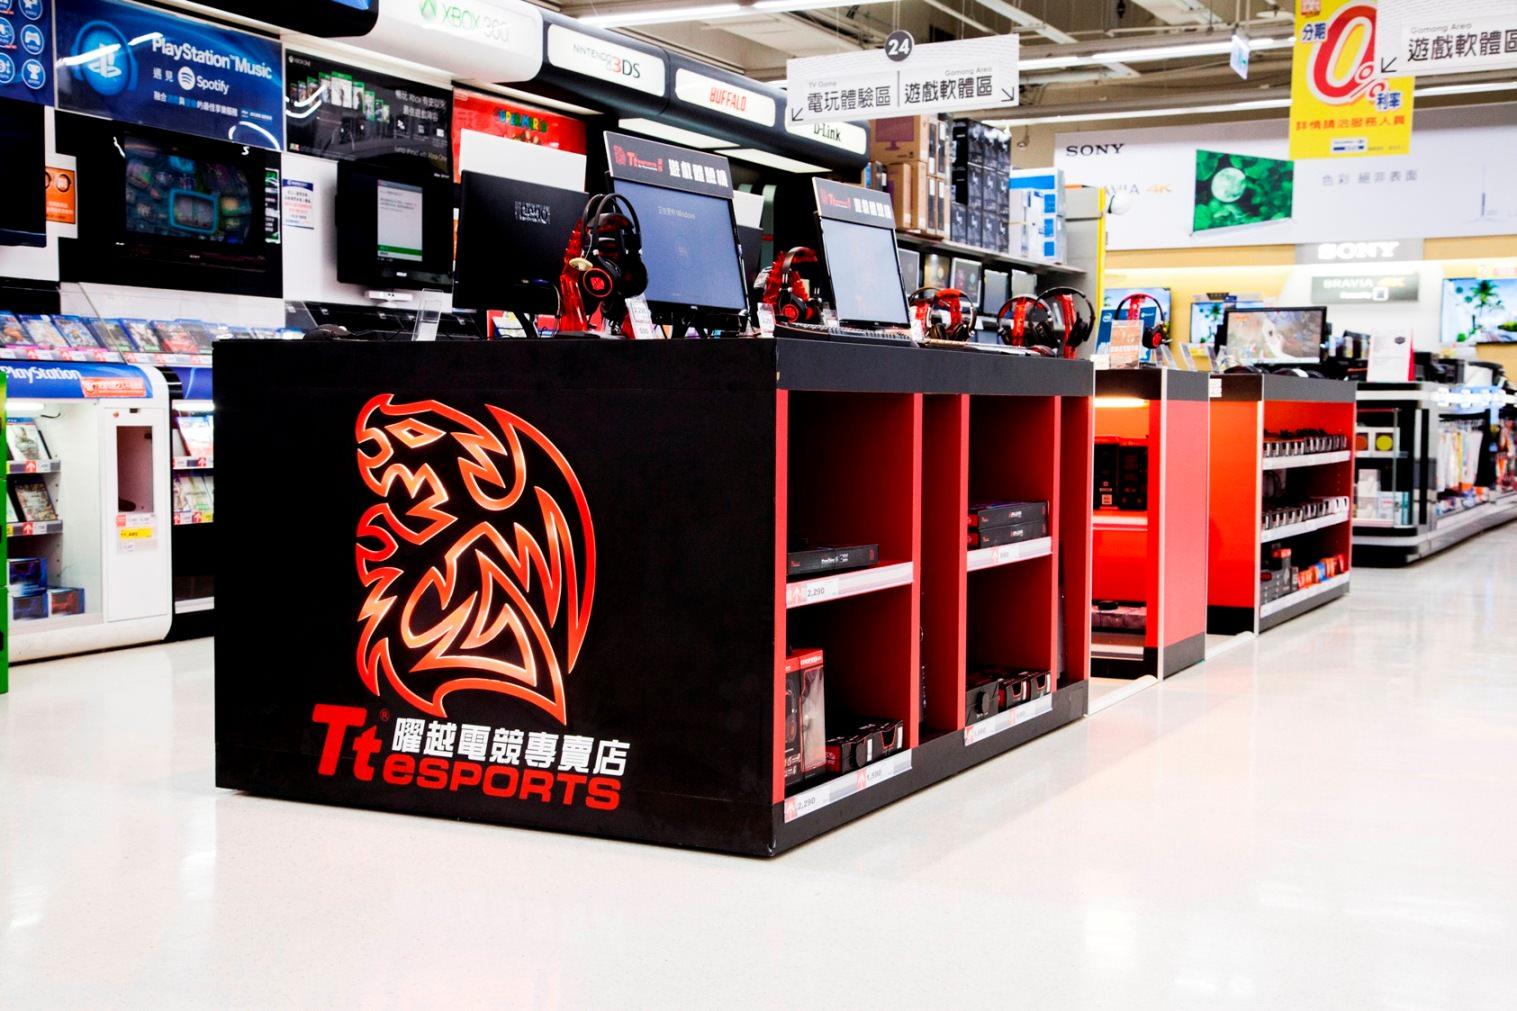 《曜越Tt eSPORTS電競專賣店》進駐家樂福新店門市 打造零距離完美電競體驗 - 電腦DIY